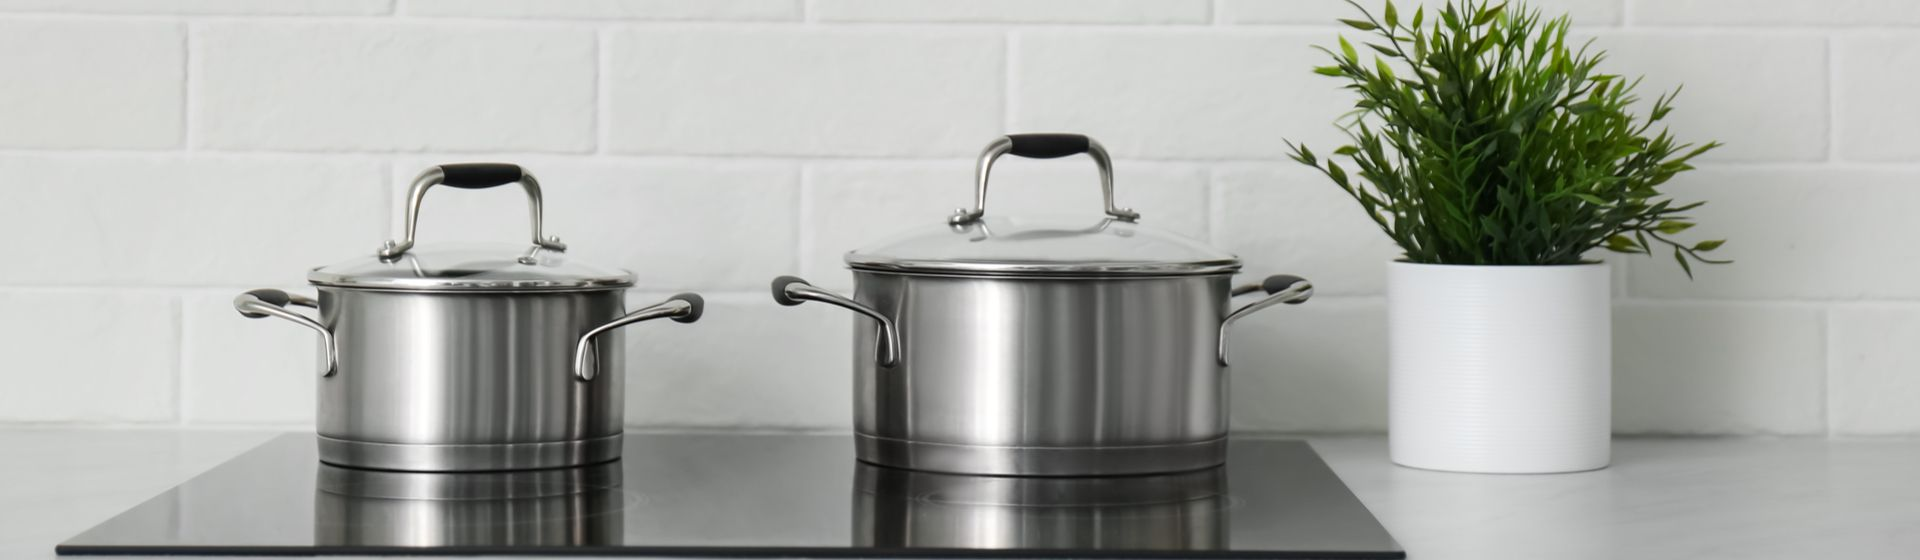 Cooktop de Indução: veja os melhores cooktops de 1 a 4 bocas